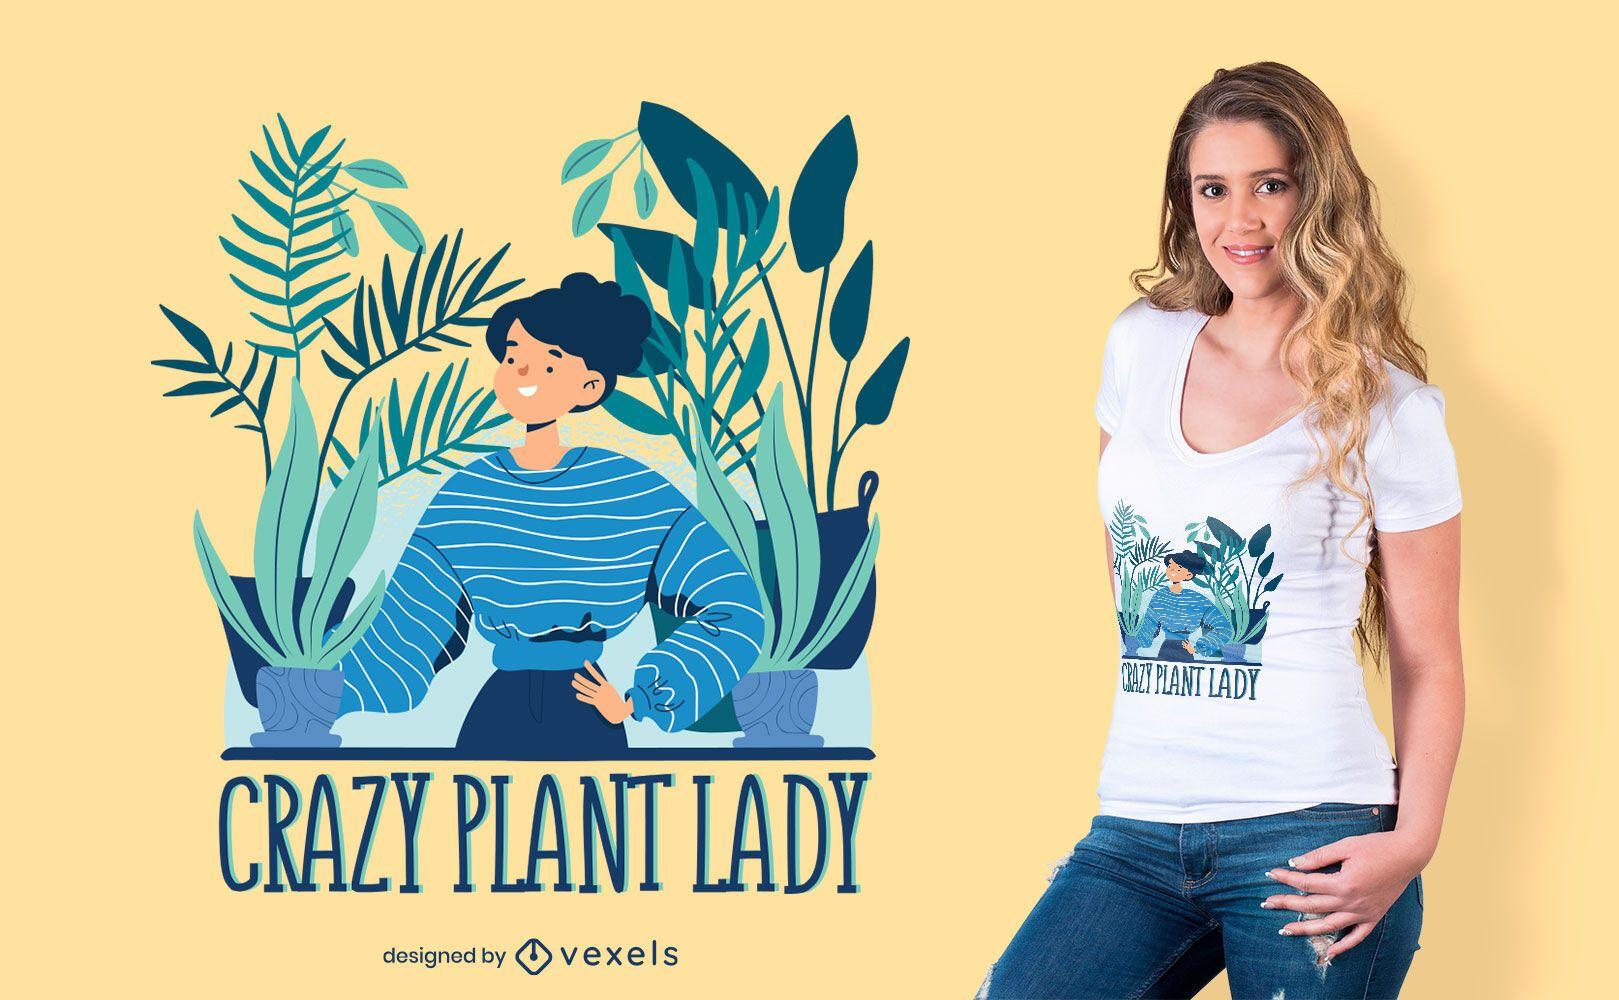 Crazy plant lady t-shirt design